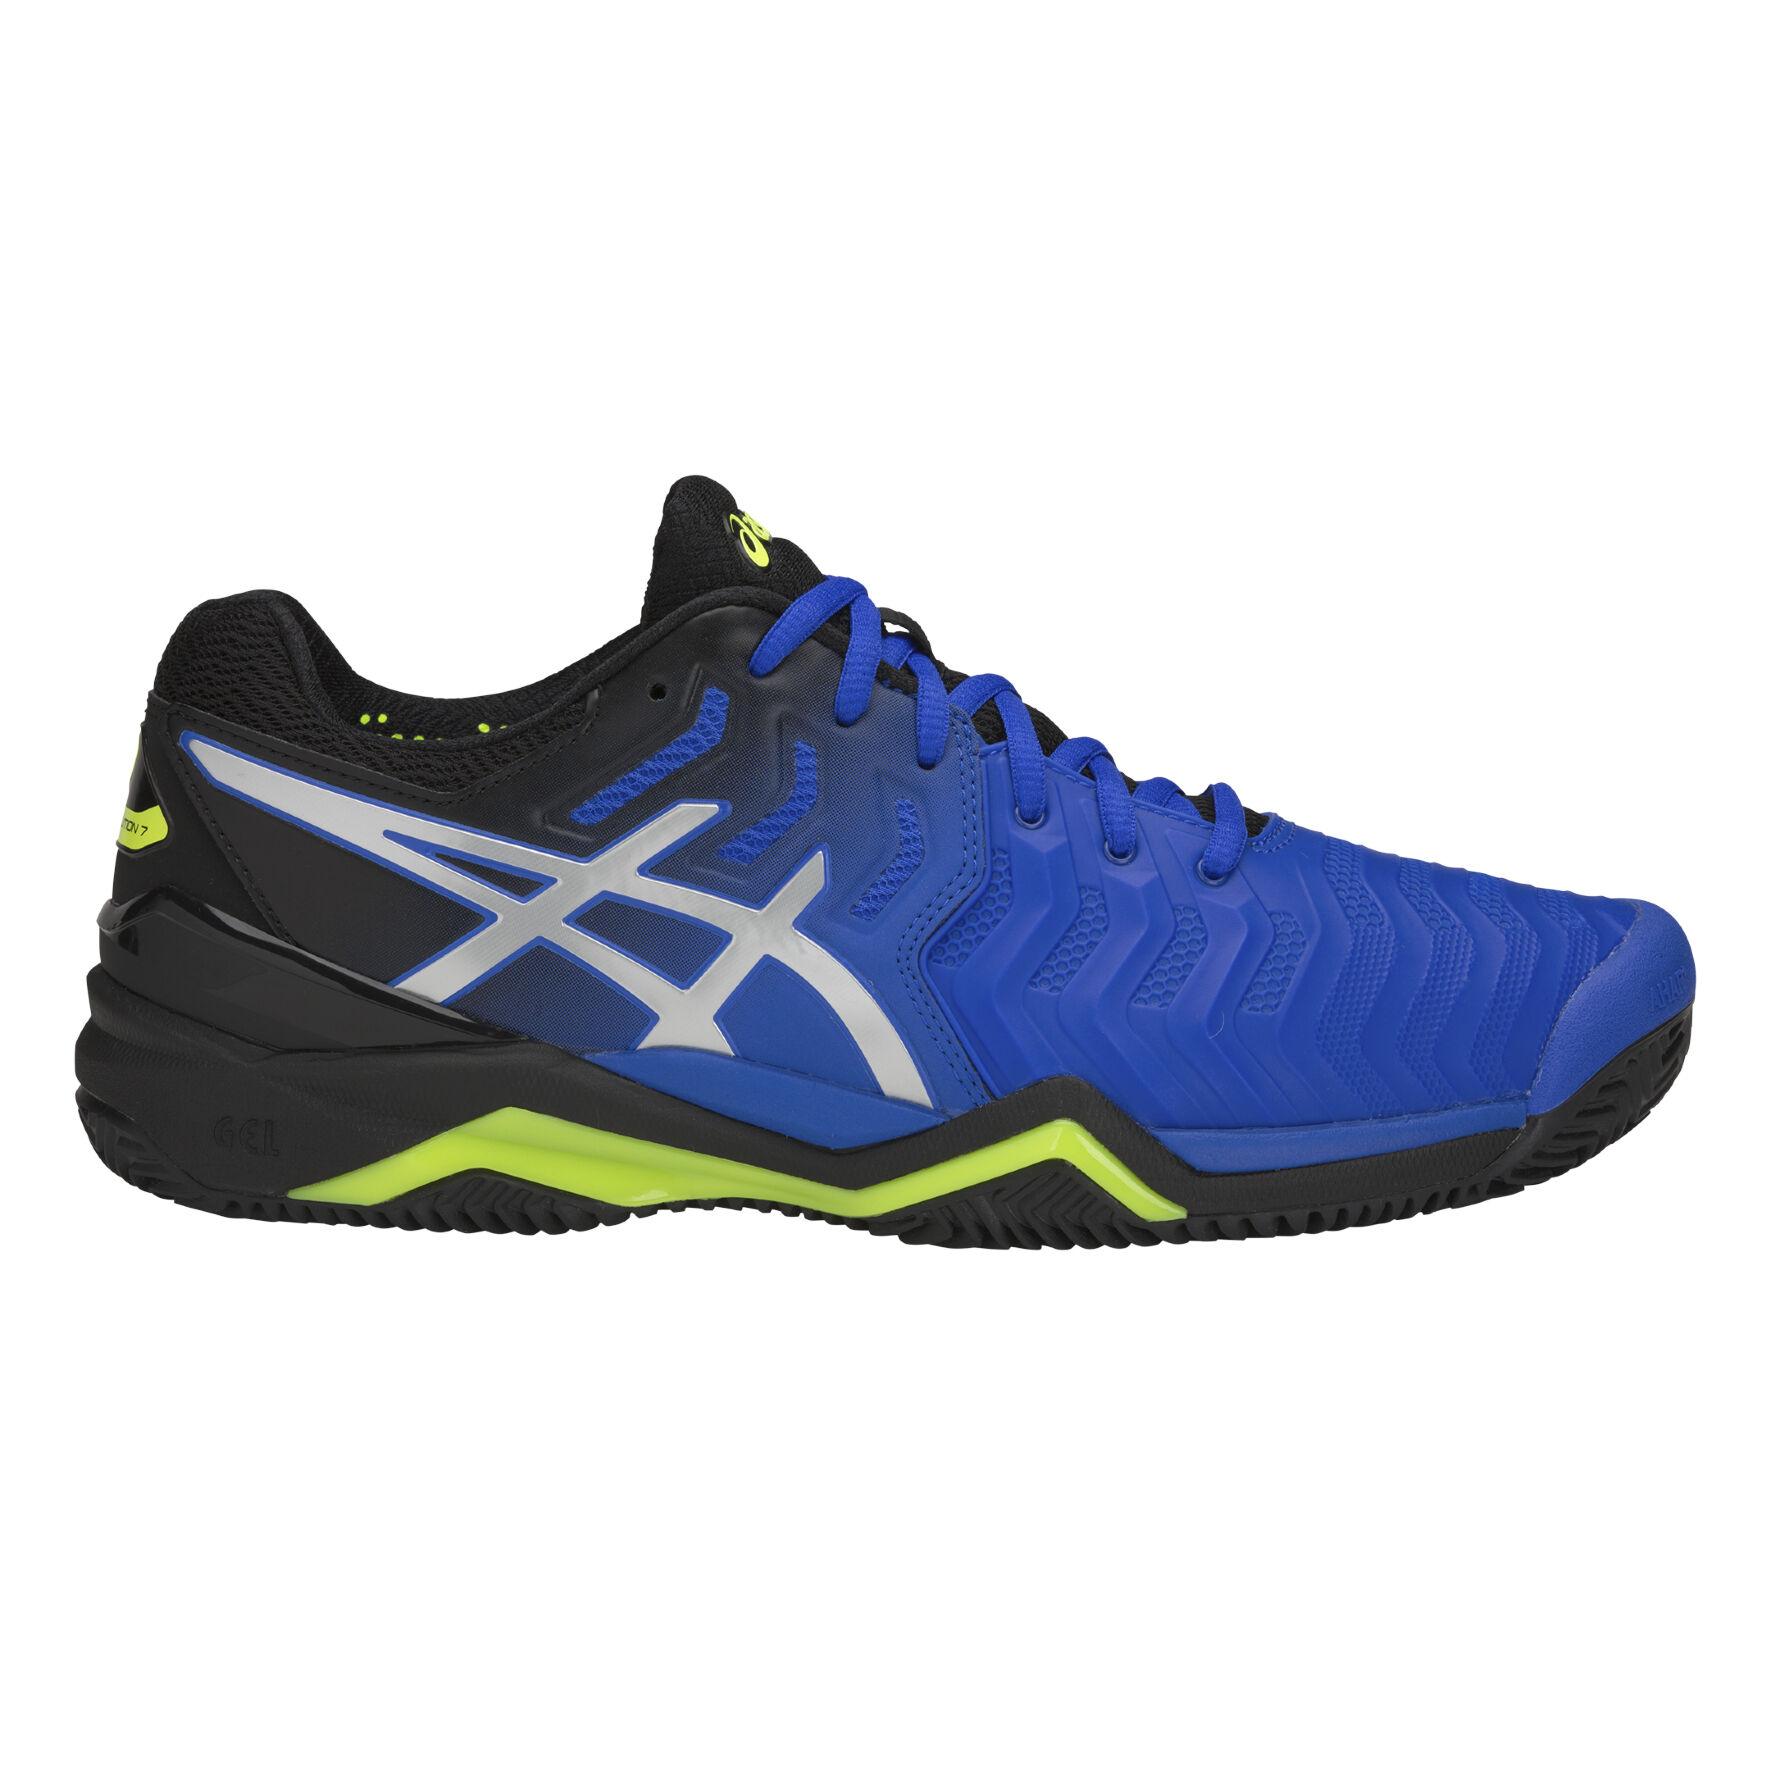 Asics Gel-Resolution 7 Clay Chaussure Terre Battue Hommes - Bleu ...